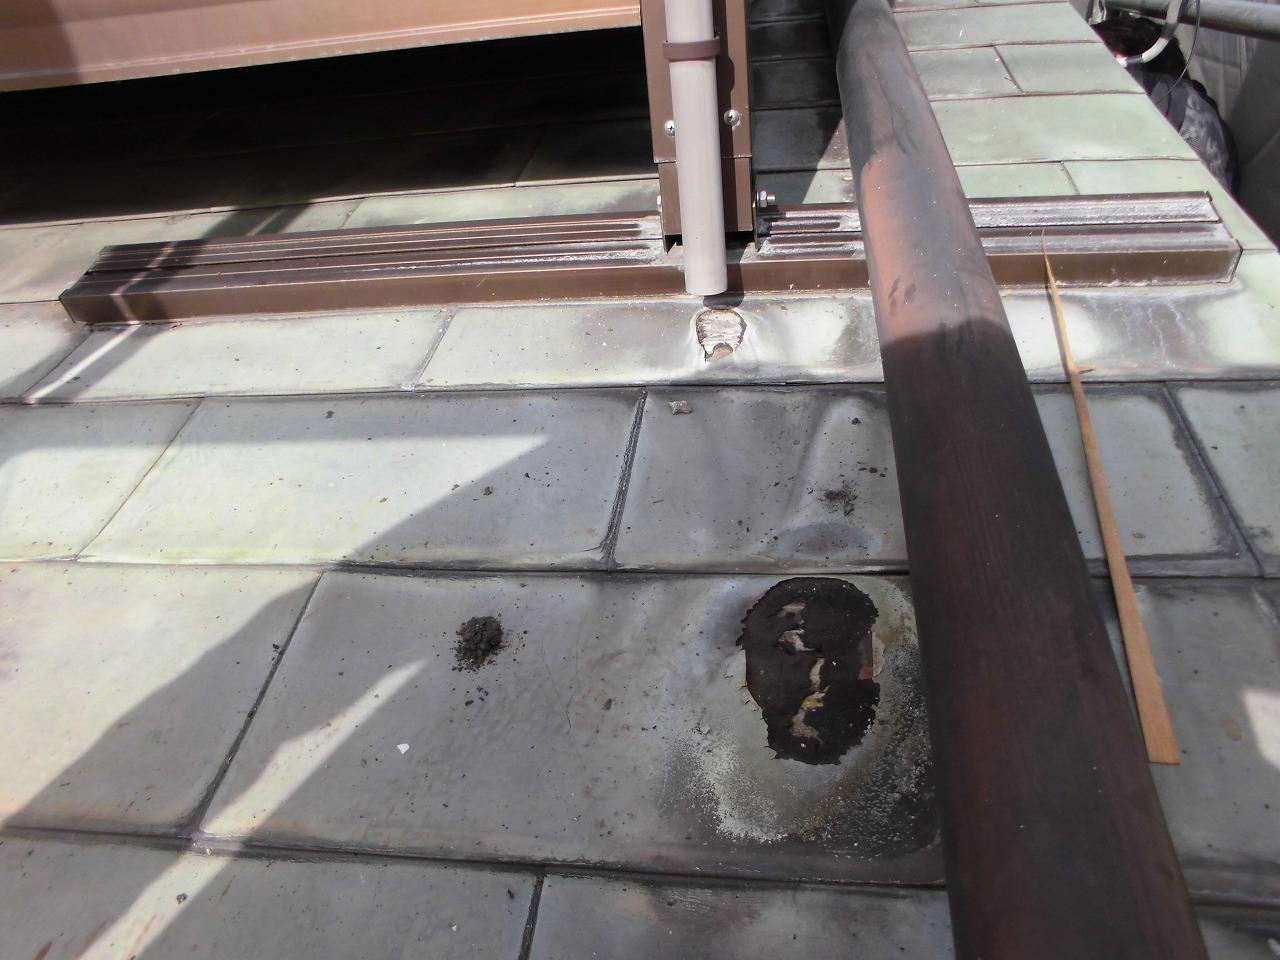 雨が落ち続け腐食し穴が開いてしまった銅板屋根